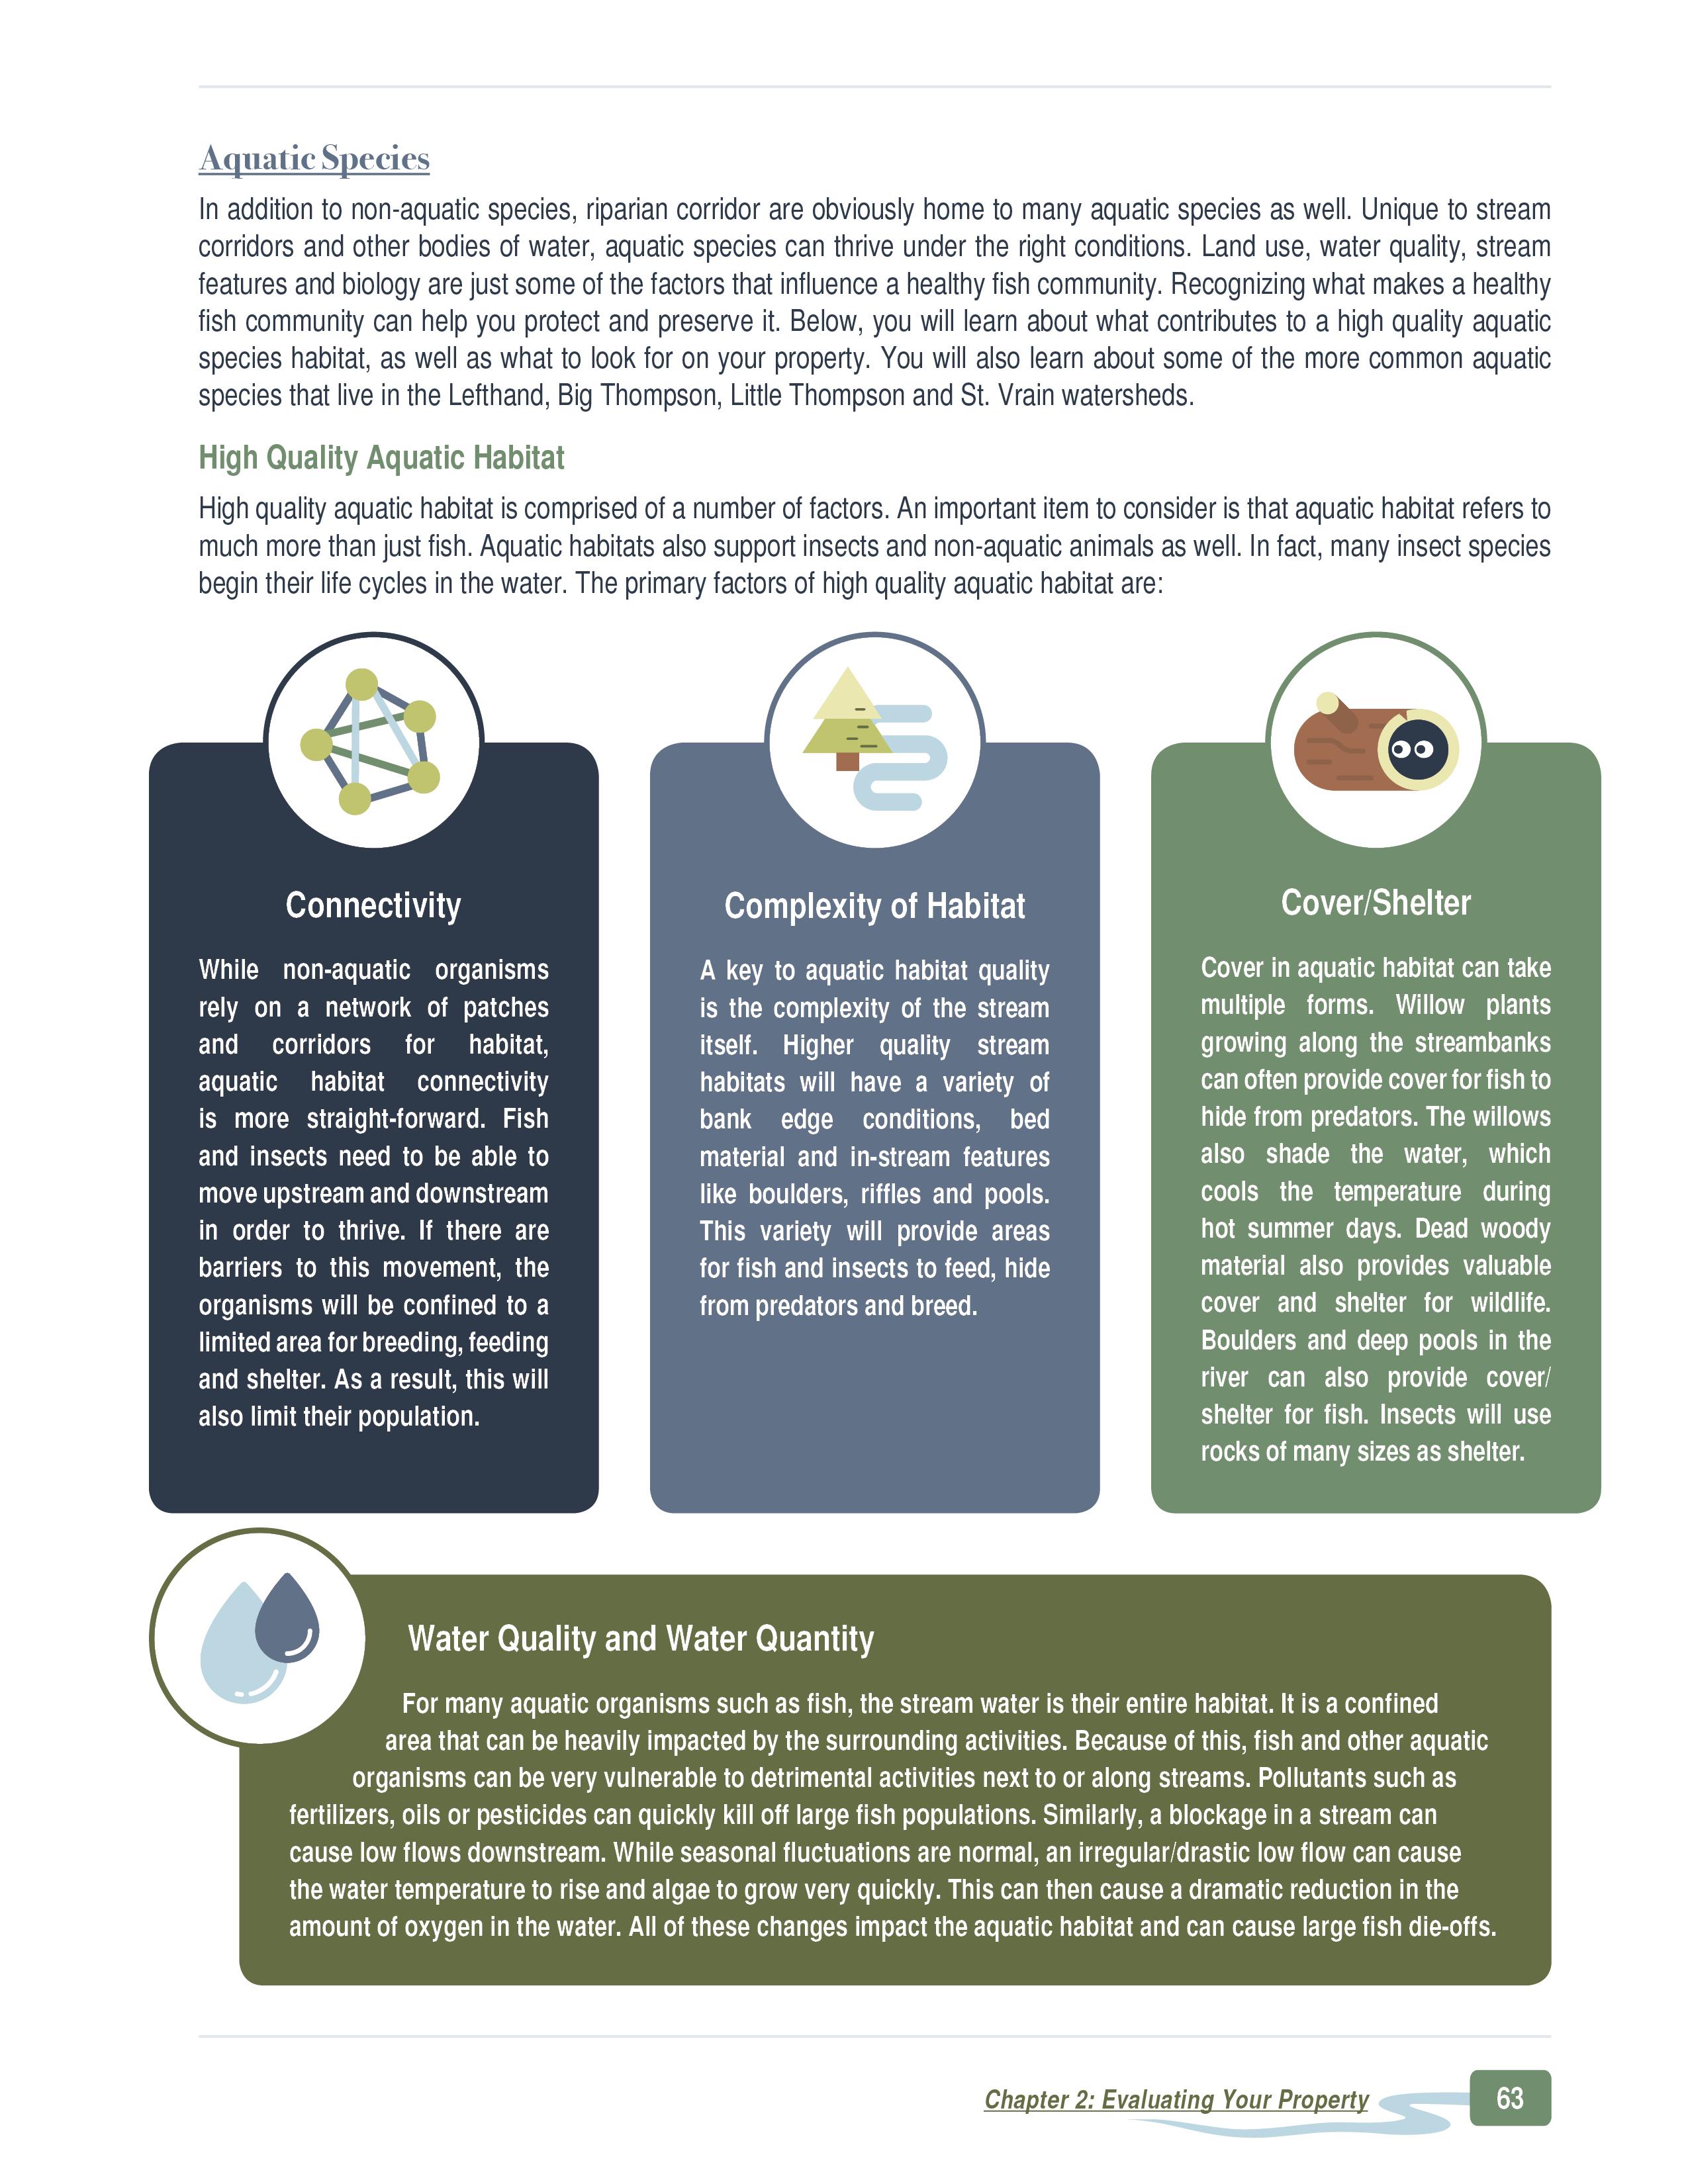 Aquatic species considerations